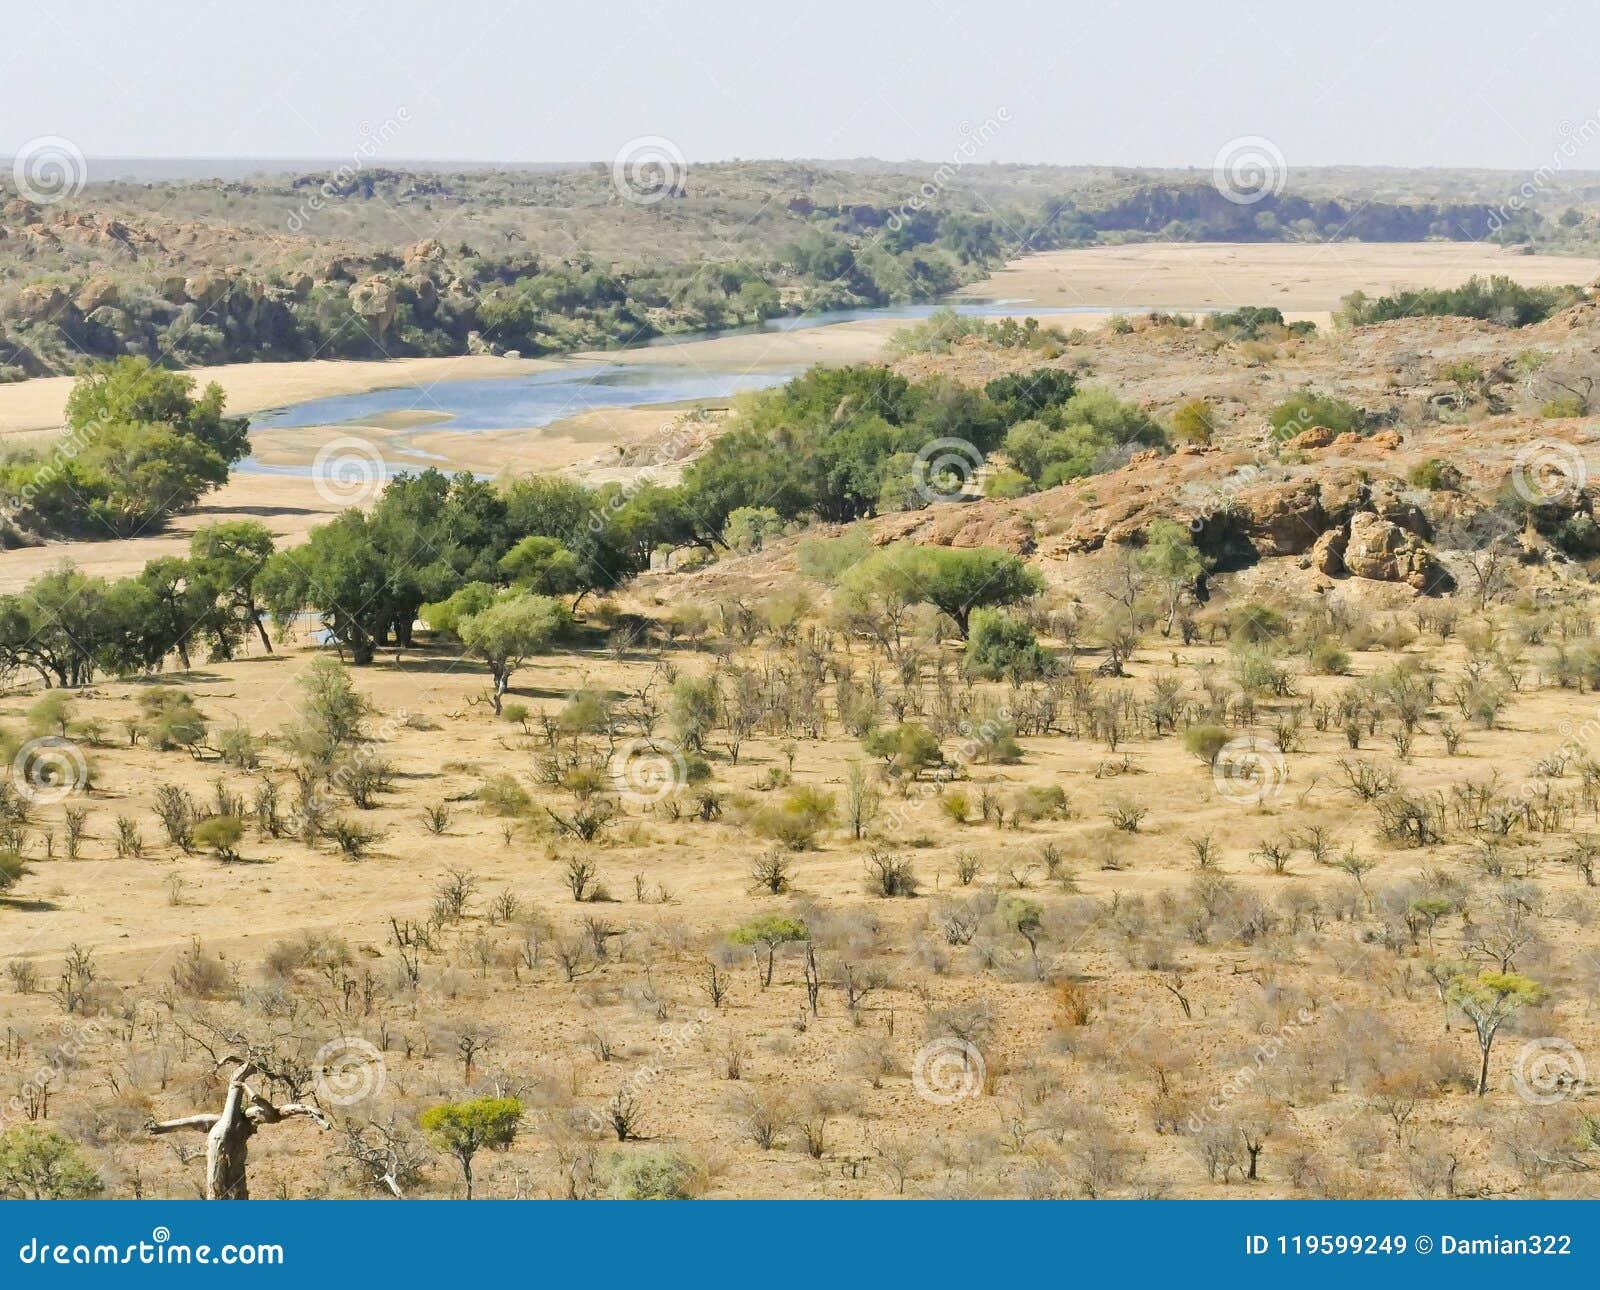 Traversée de la rivière du Limpopo le paysage de désert de la nation de Mapungubwe